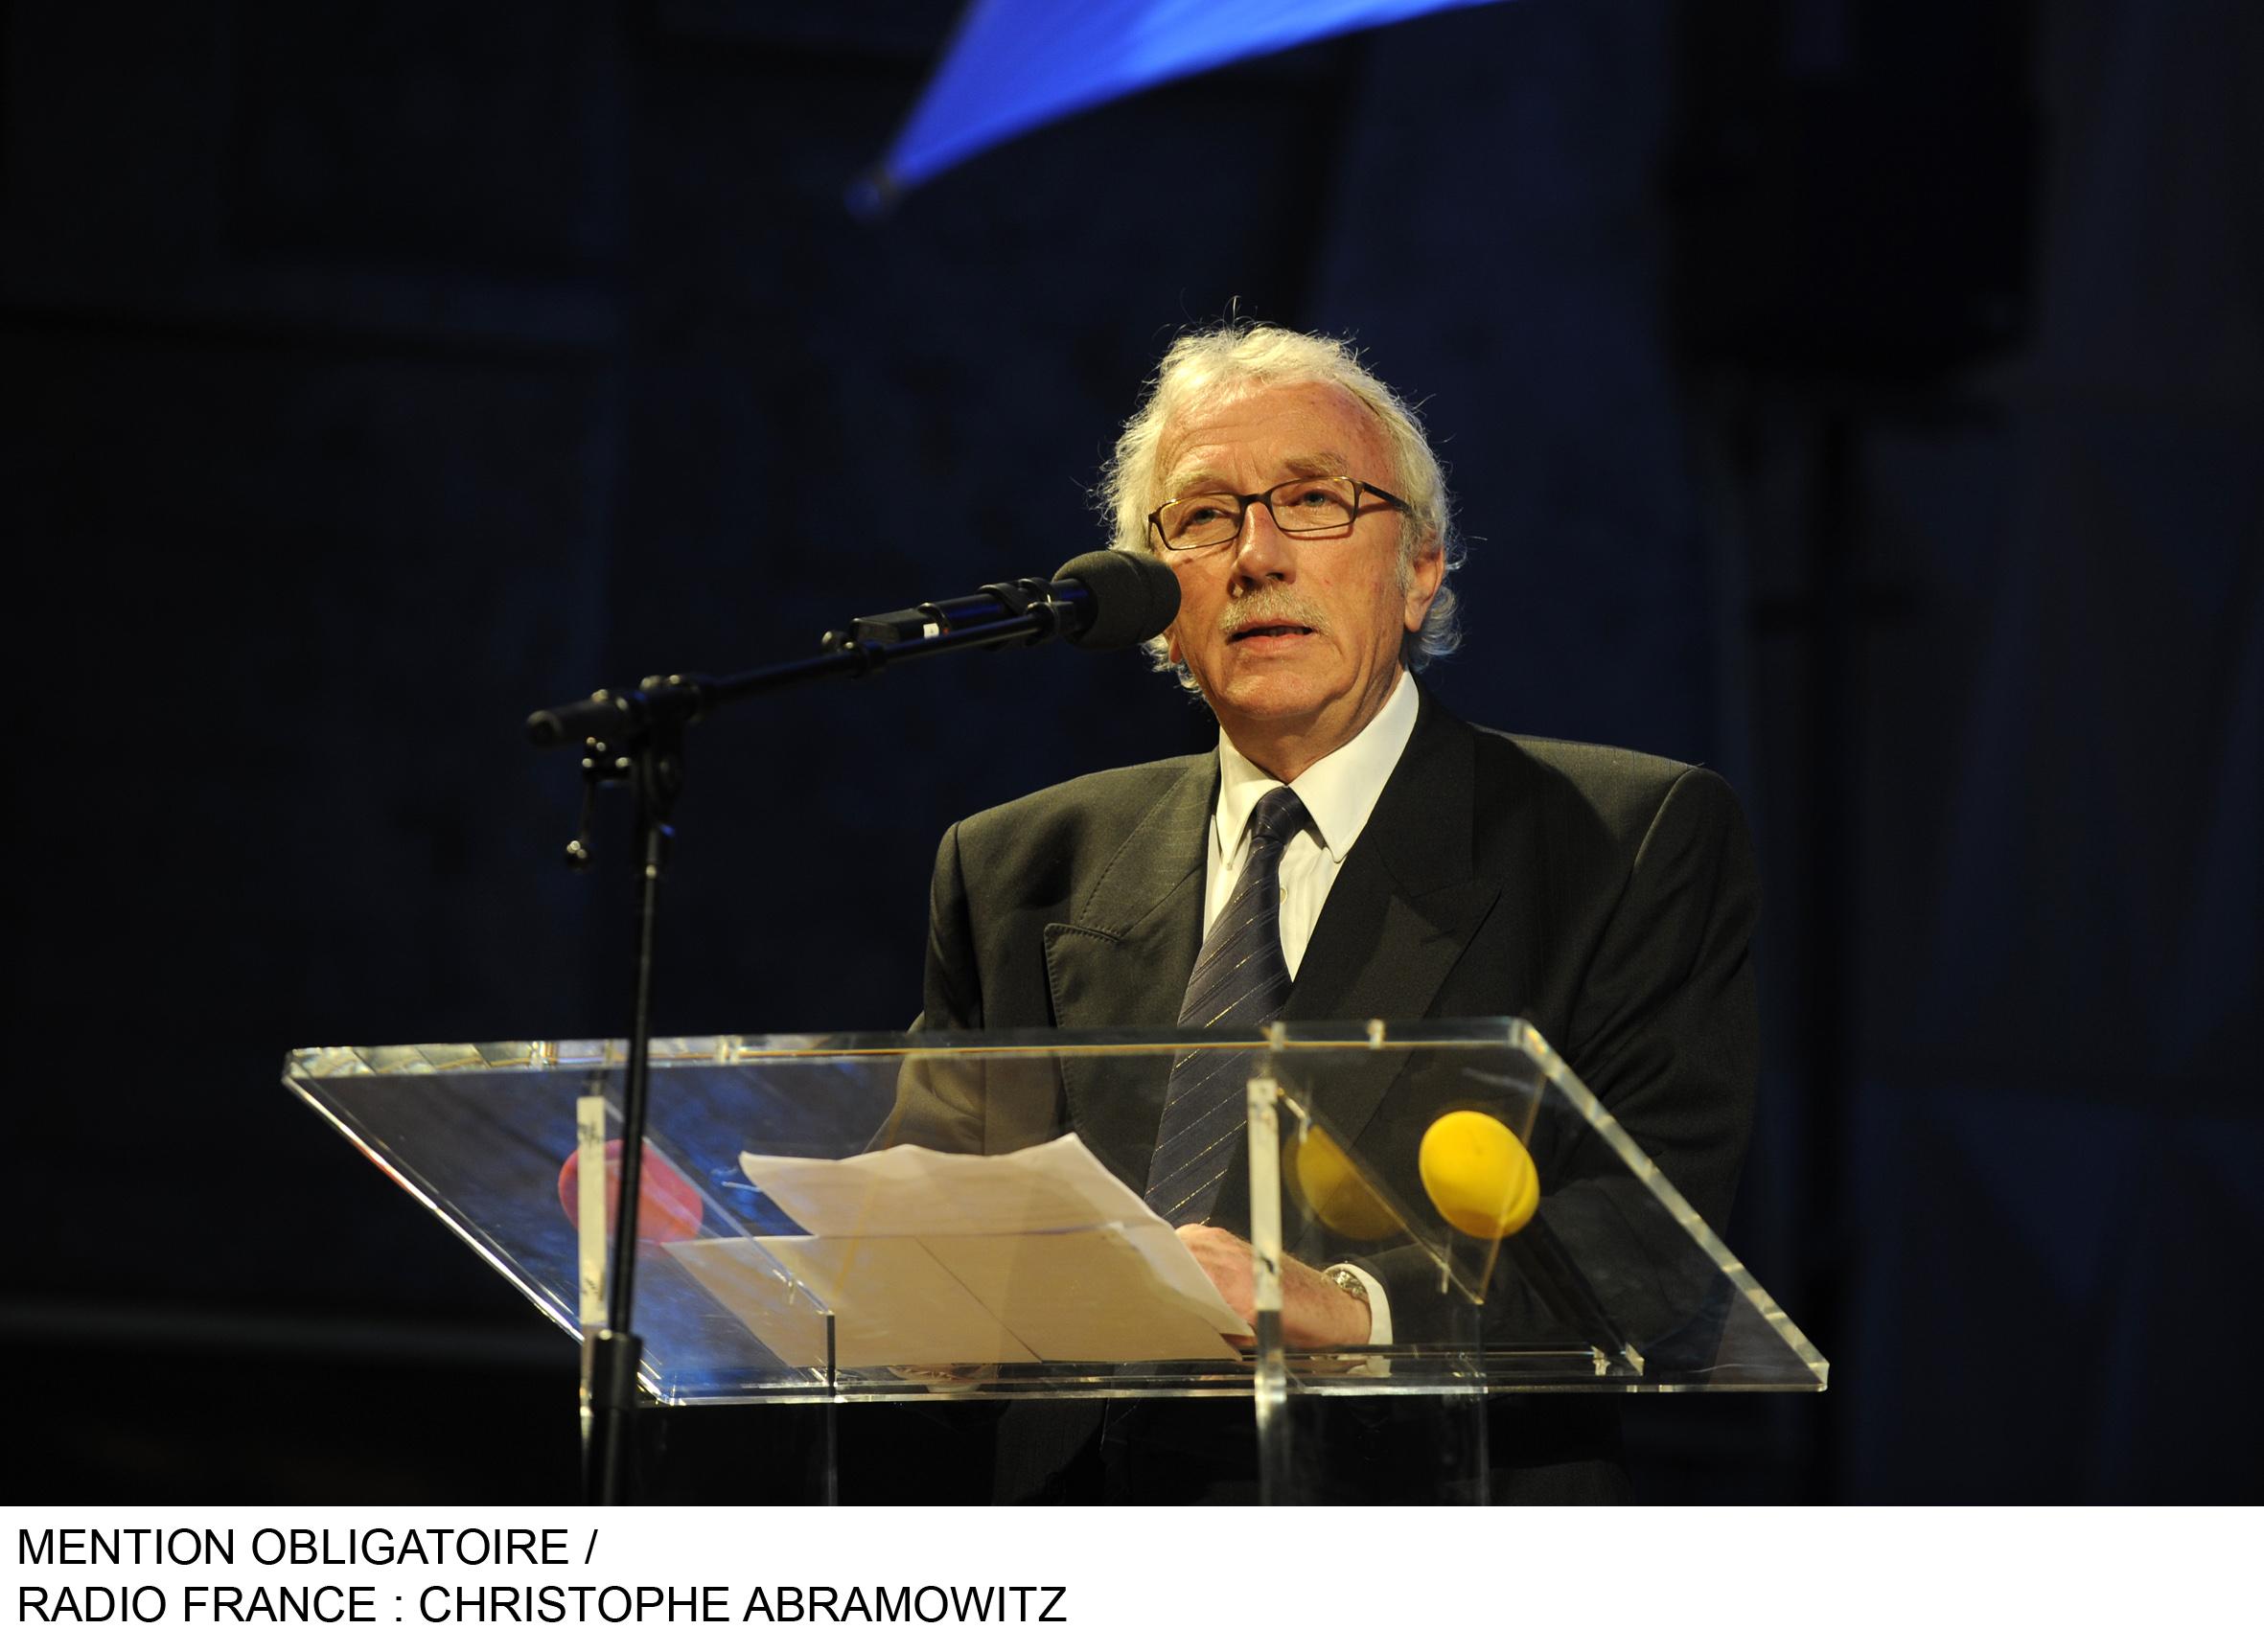 Jacques Vendroux fêtera 50 ans de carrière le 10 mai / Photo Radio France / CA